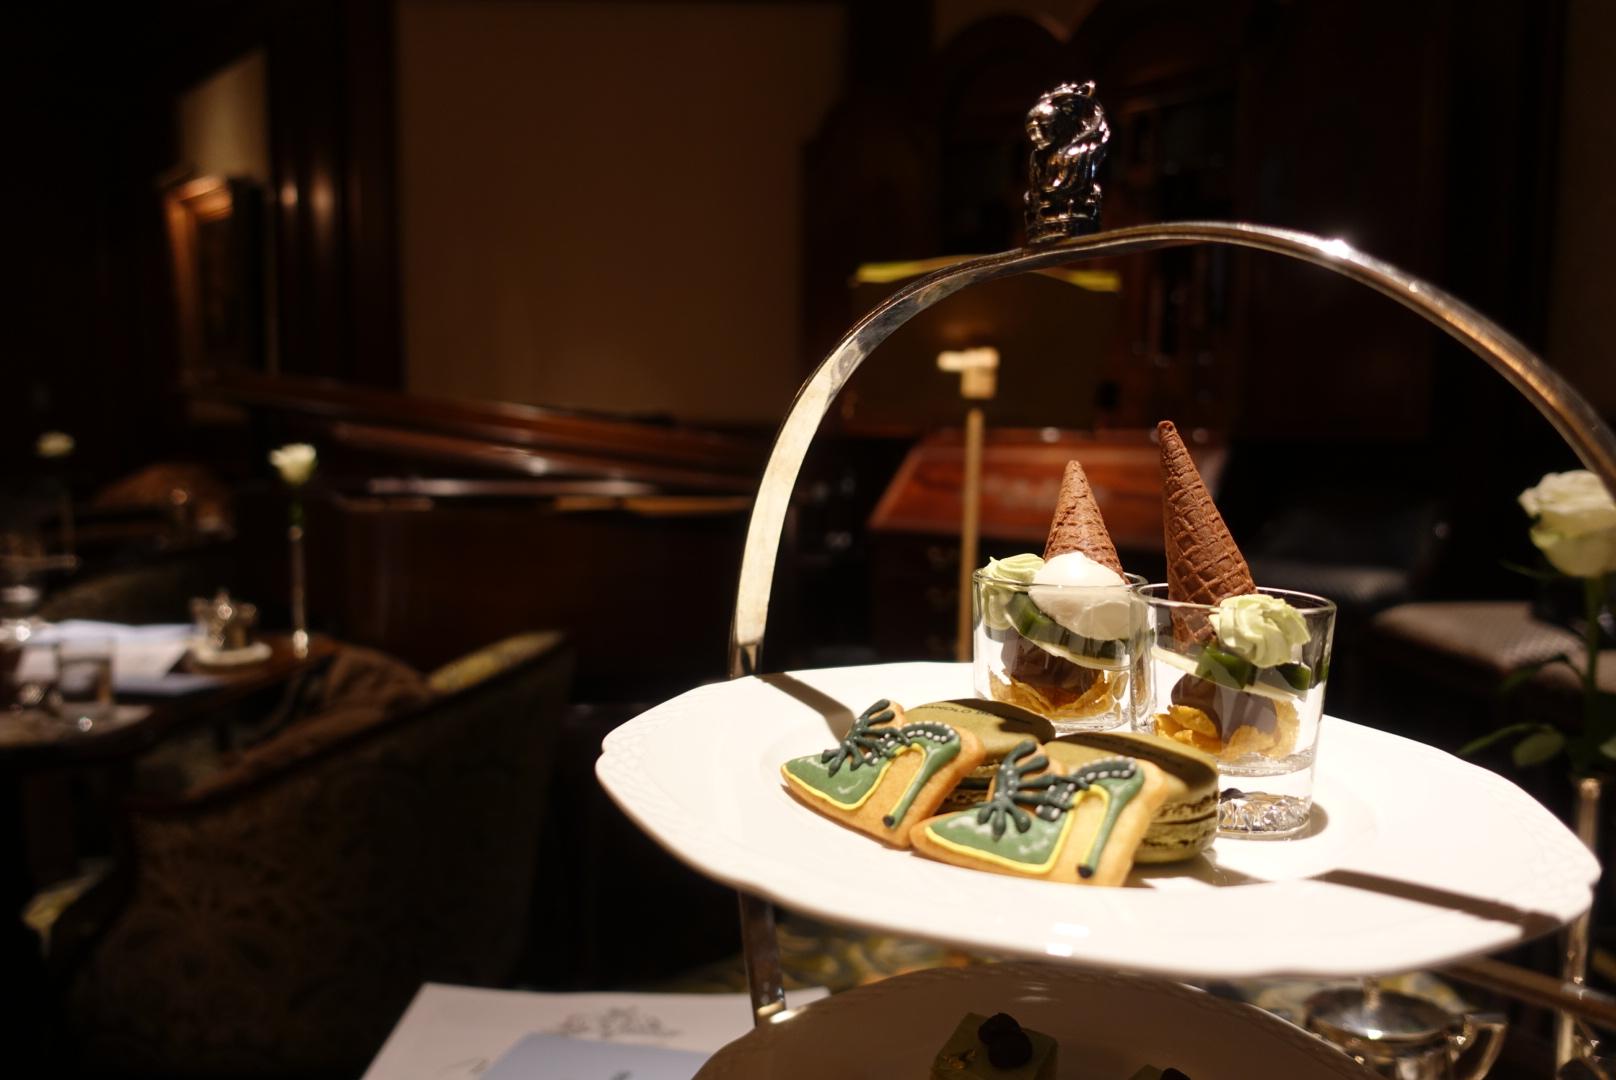 【ホテルアフタヌーンティー】リッツカールトン大阪でマノロコラボ抹茶アフタヌーンティー開催中♡